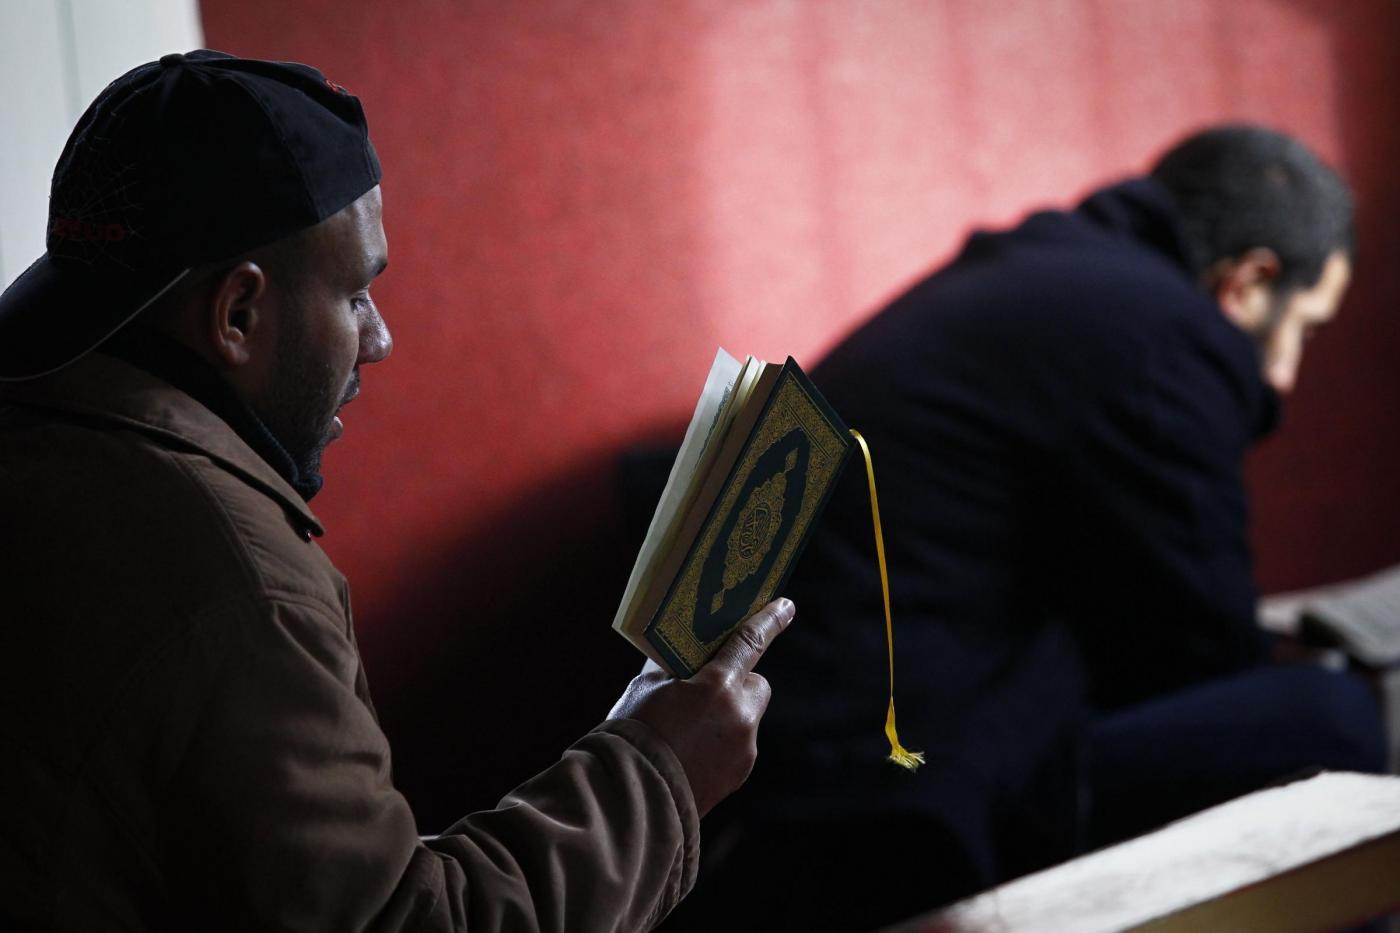 Imam espulso a Treviso: aveva rifiutato di giurare sulla Costituzione italiana